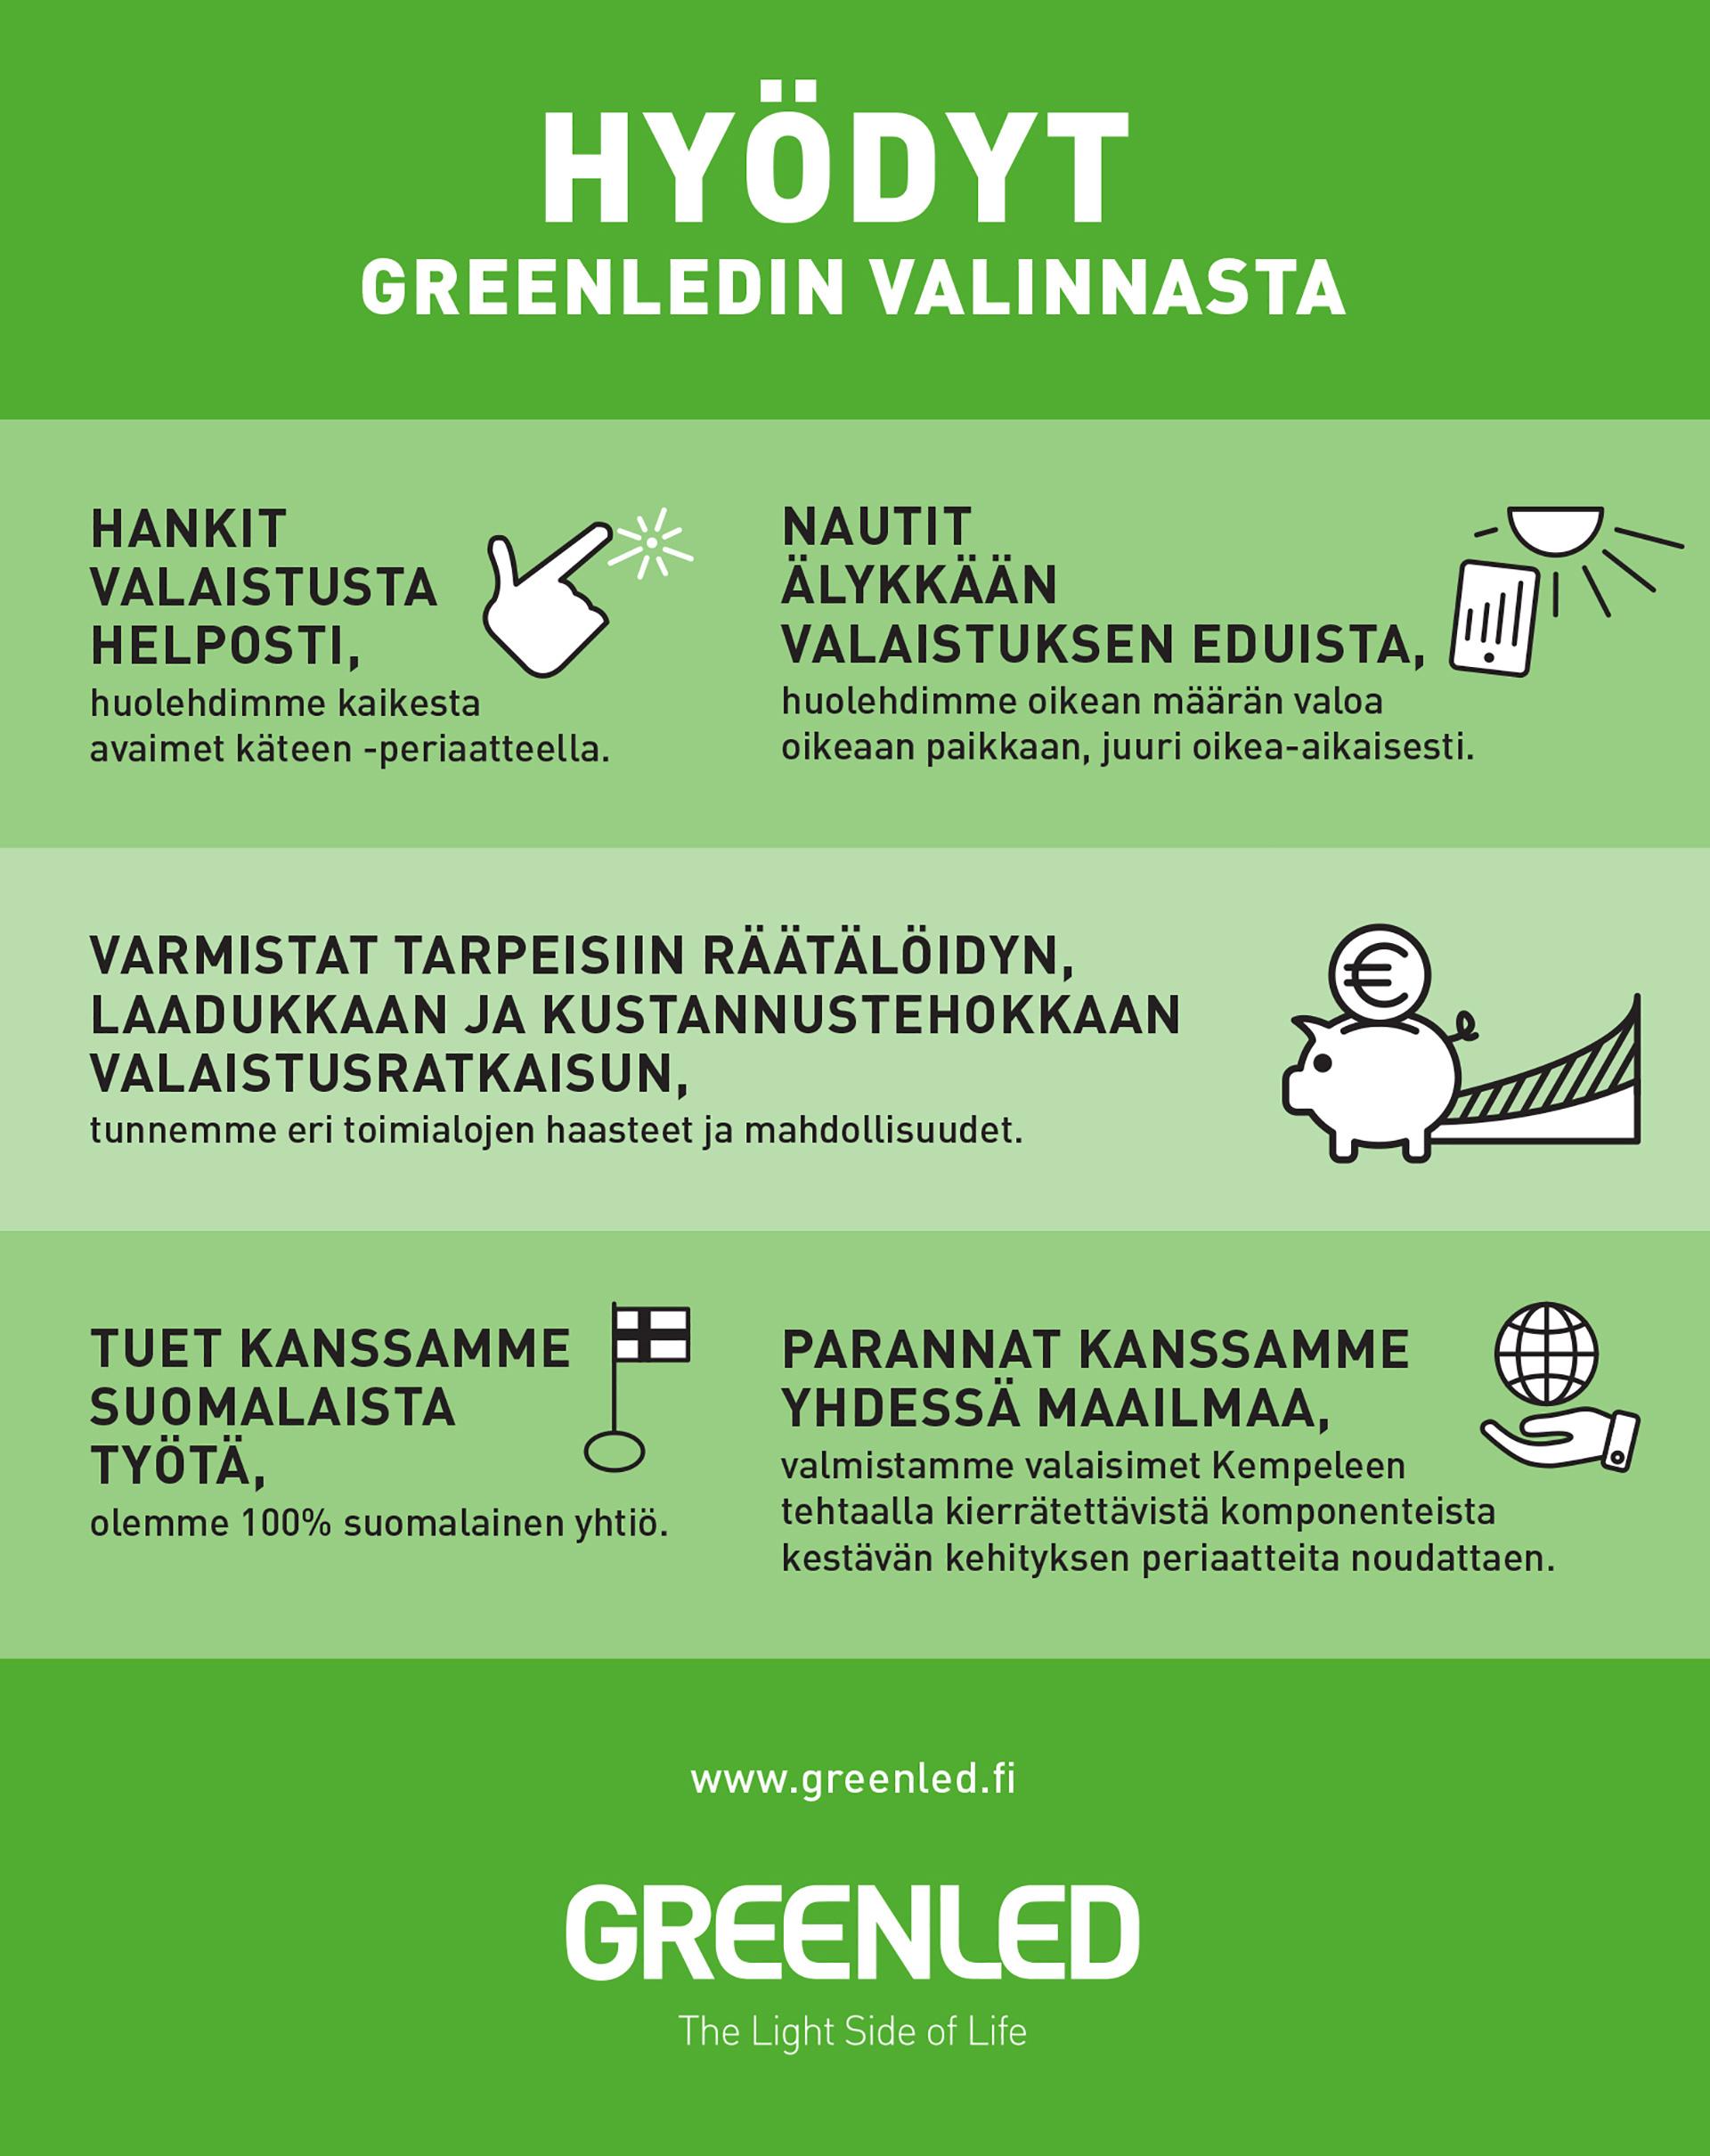 Greenled on toteuttanut jo lähes 1000 kokonaisvaltaista valaistusprojektia 10 eri maassa. Miksi yhä useampi valitsee valaistusmuutokseen kumppanikseen juuri meidät?